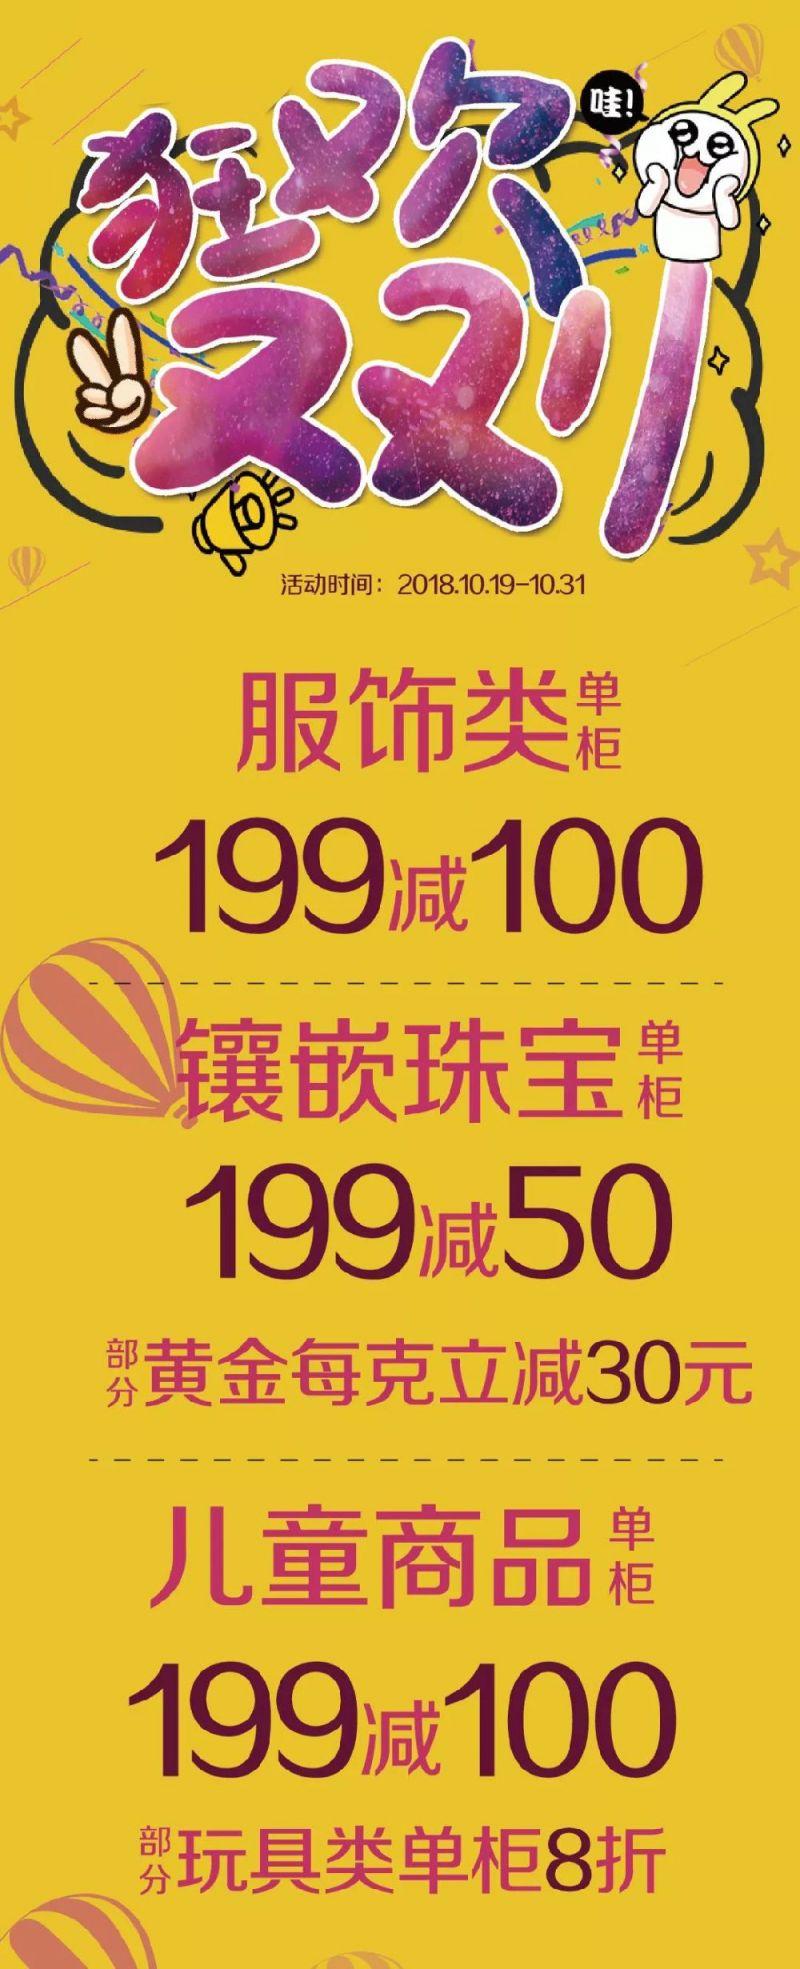 上海莘庄百盛双11提前购品牌折扣一览